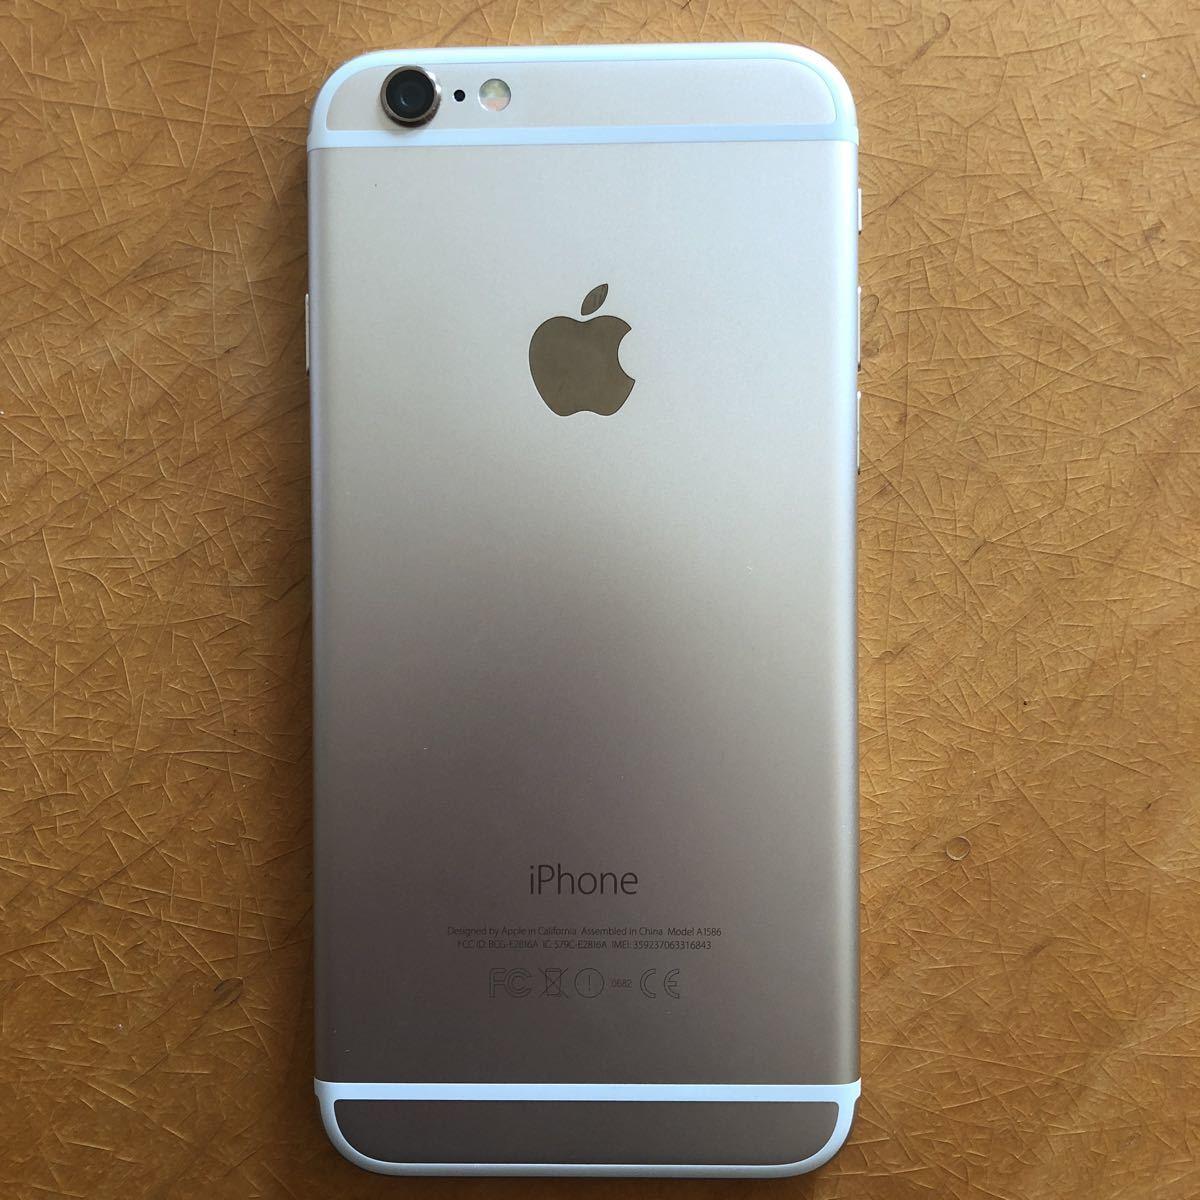 au iPhone6 ゴールド16G_画像2